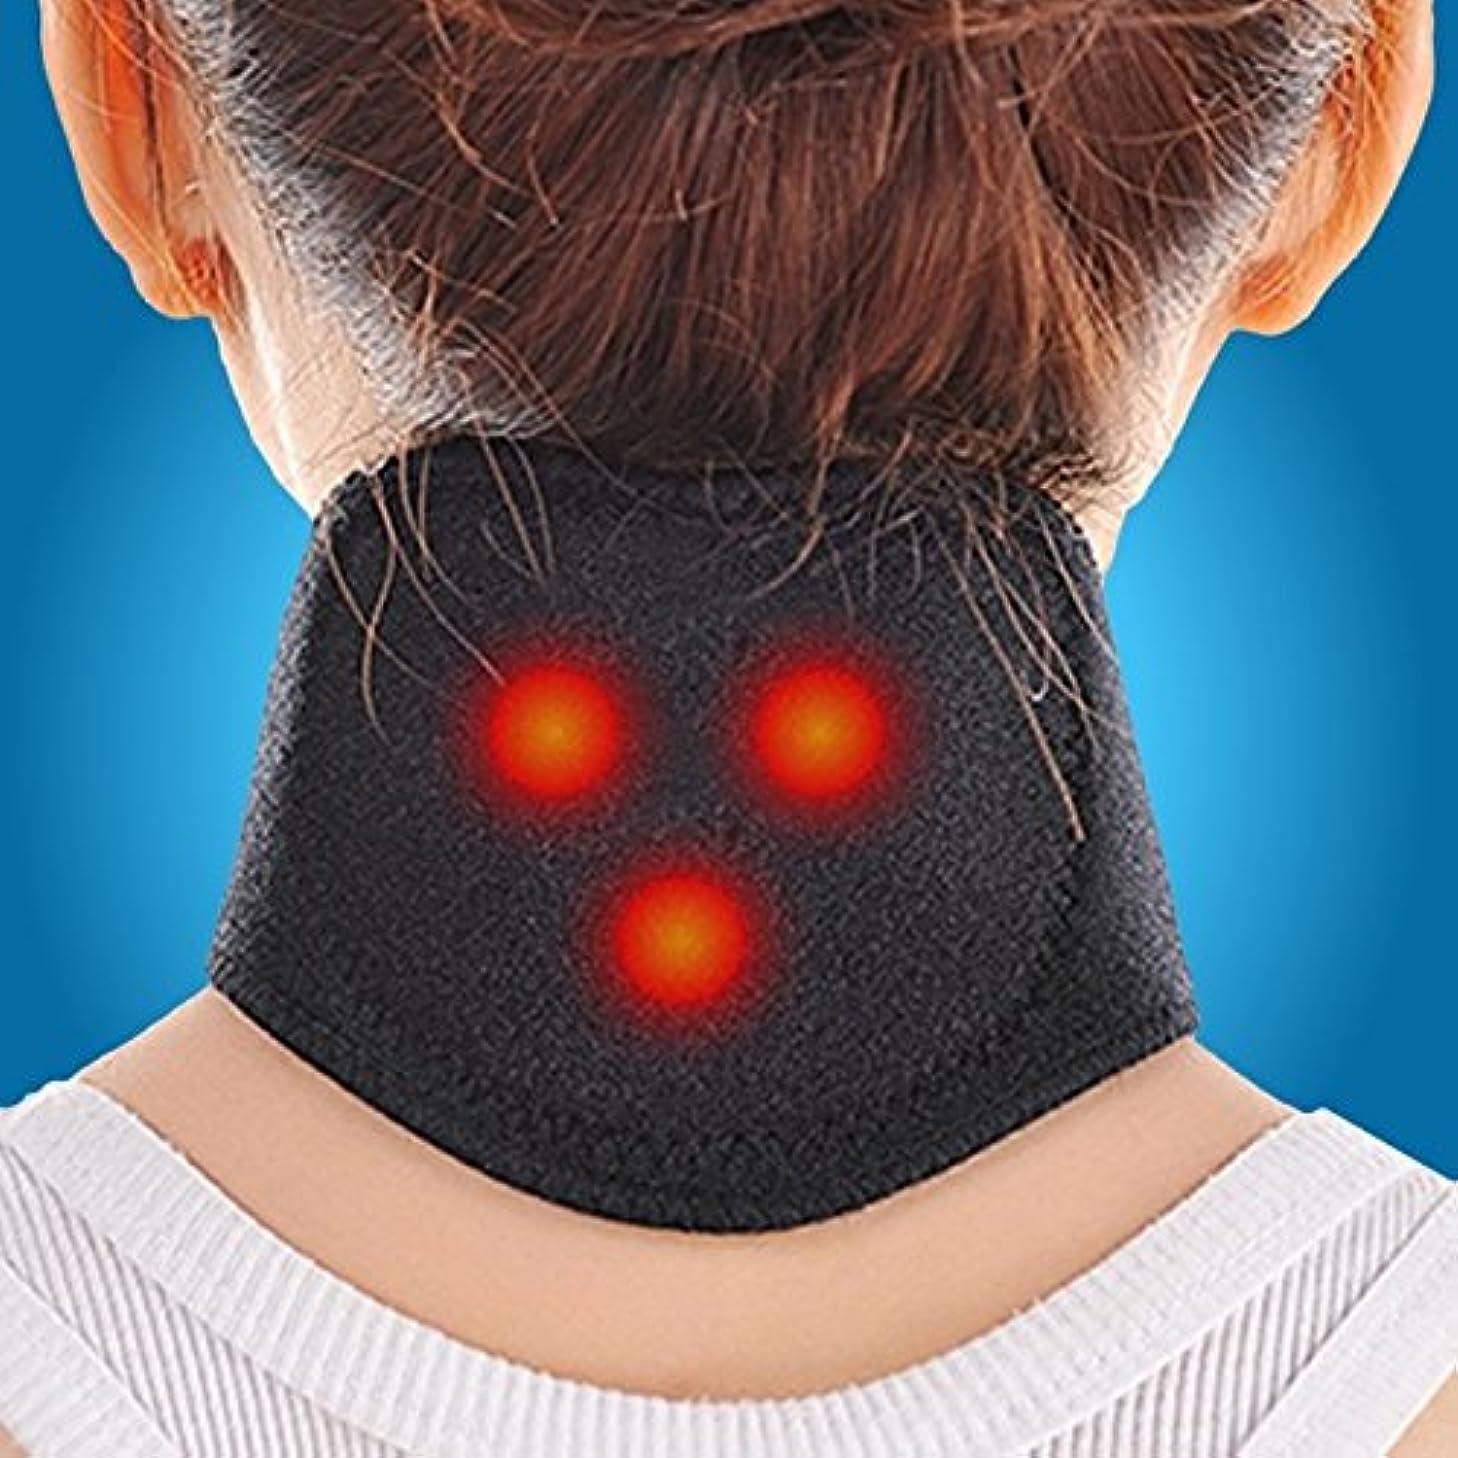 傾斜最大評価するTourmaline Magnetic Therapy Neck Massager Cervical Vertebra Protection Spontaneous Heating Belt Body Massager...